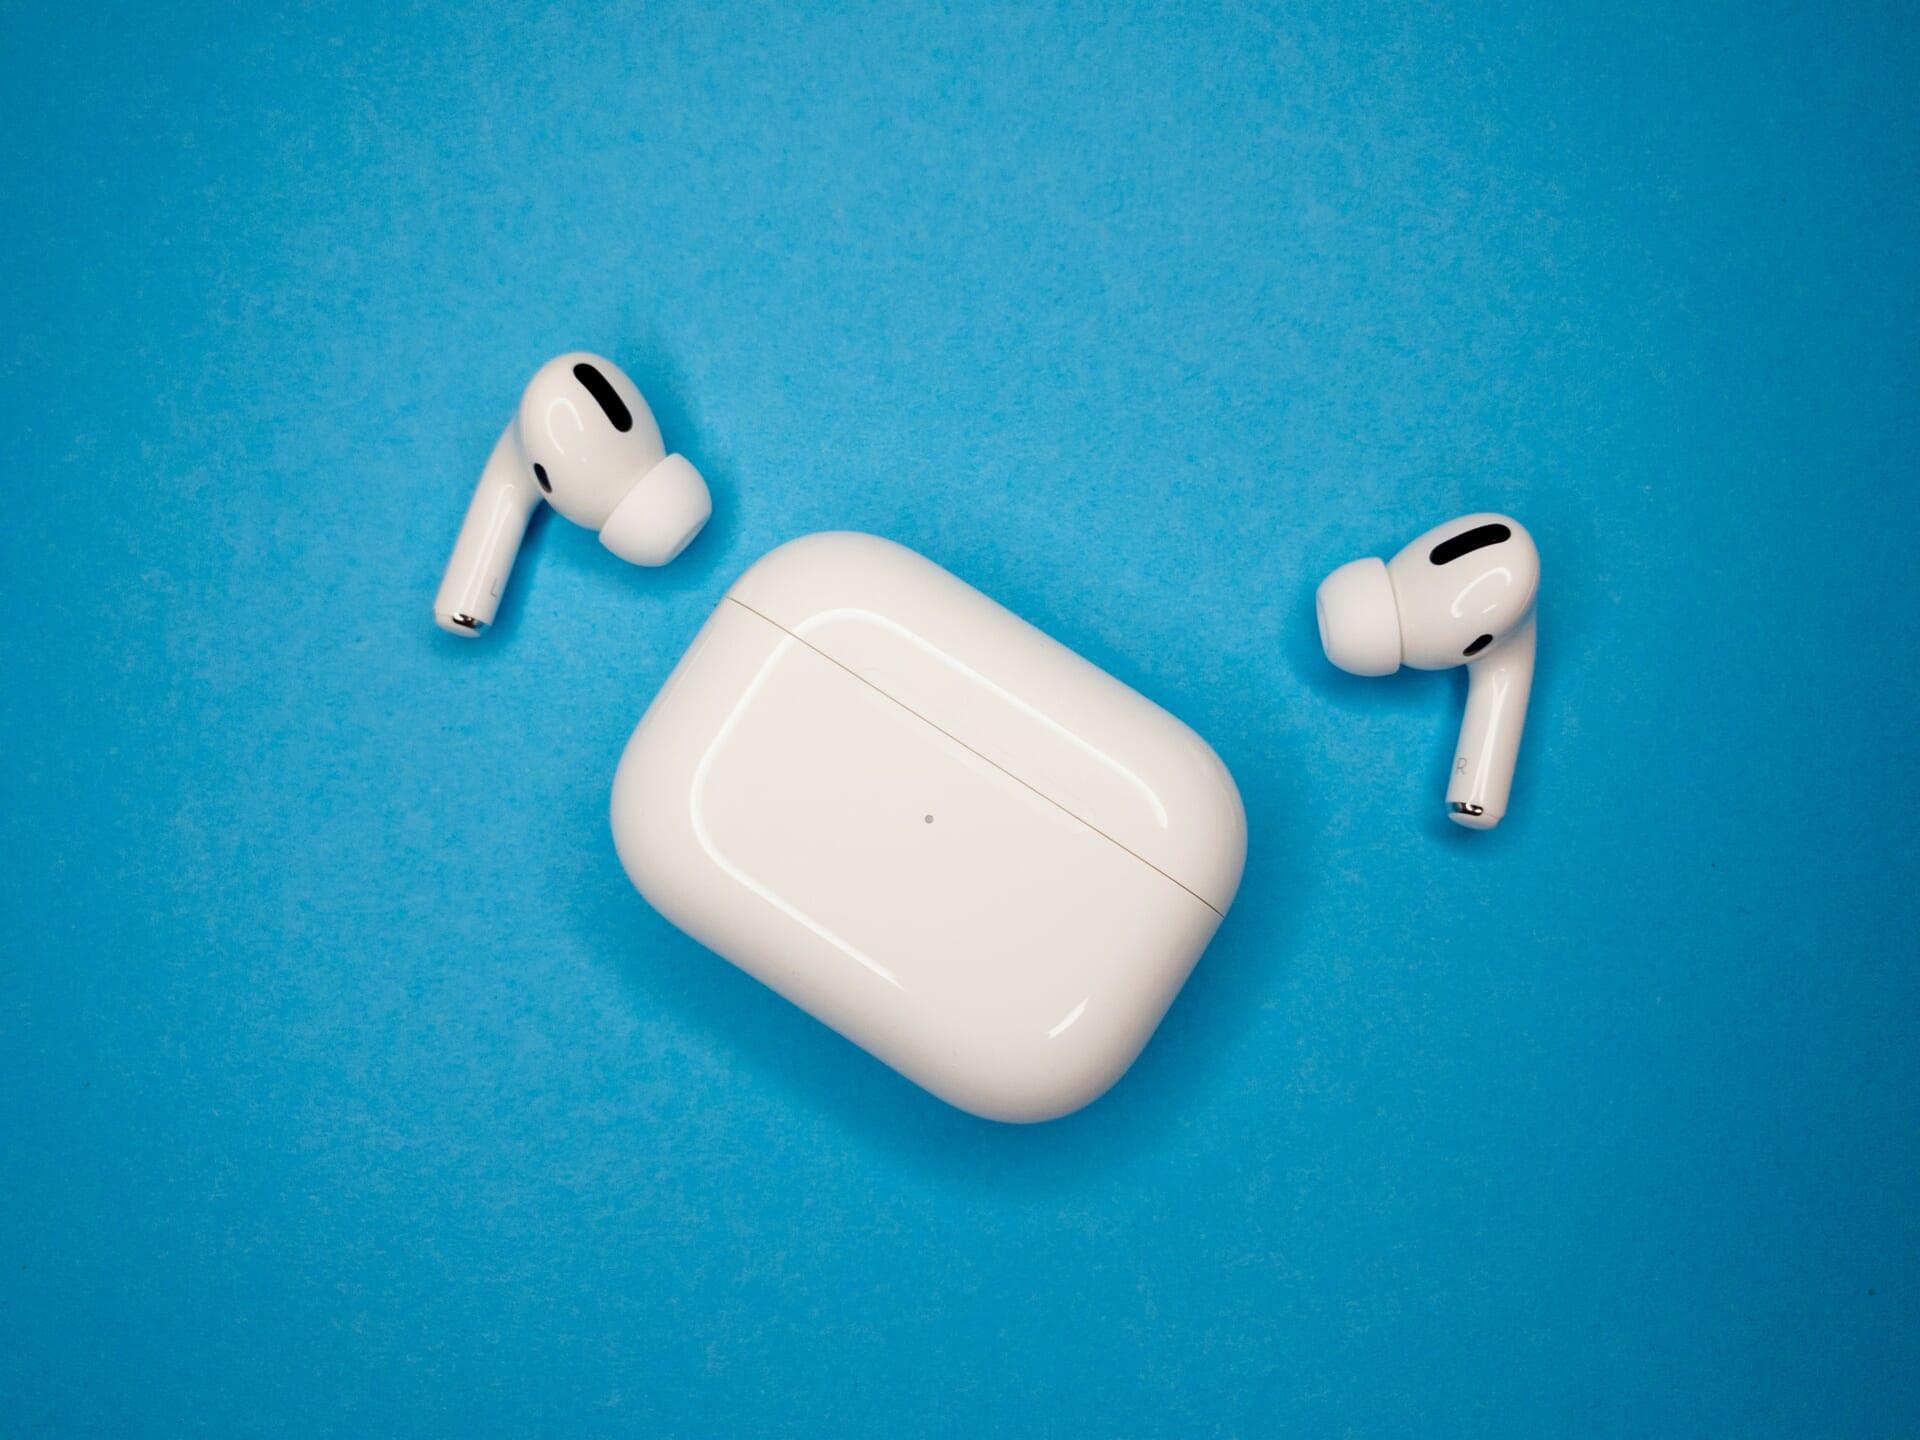 解決】AirPods Pro『スマホを開かない電話の出方』について